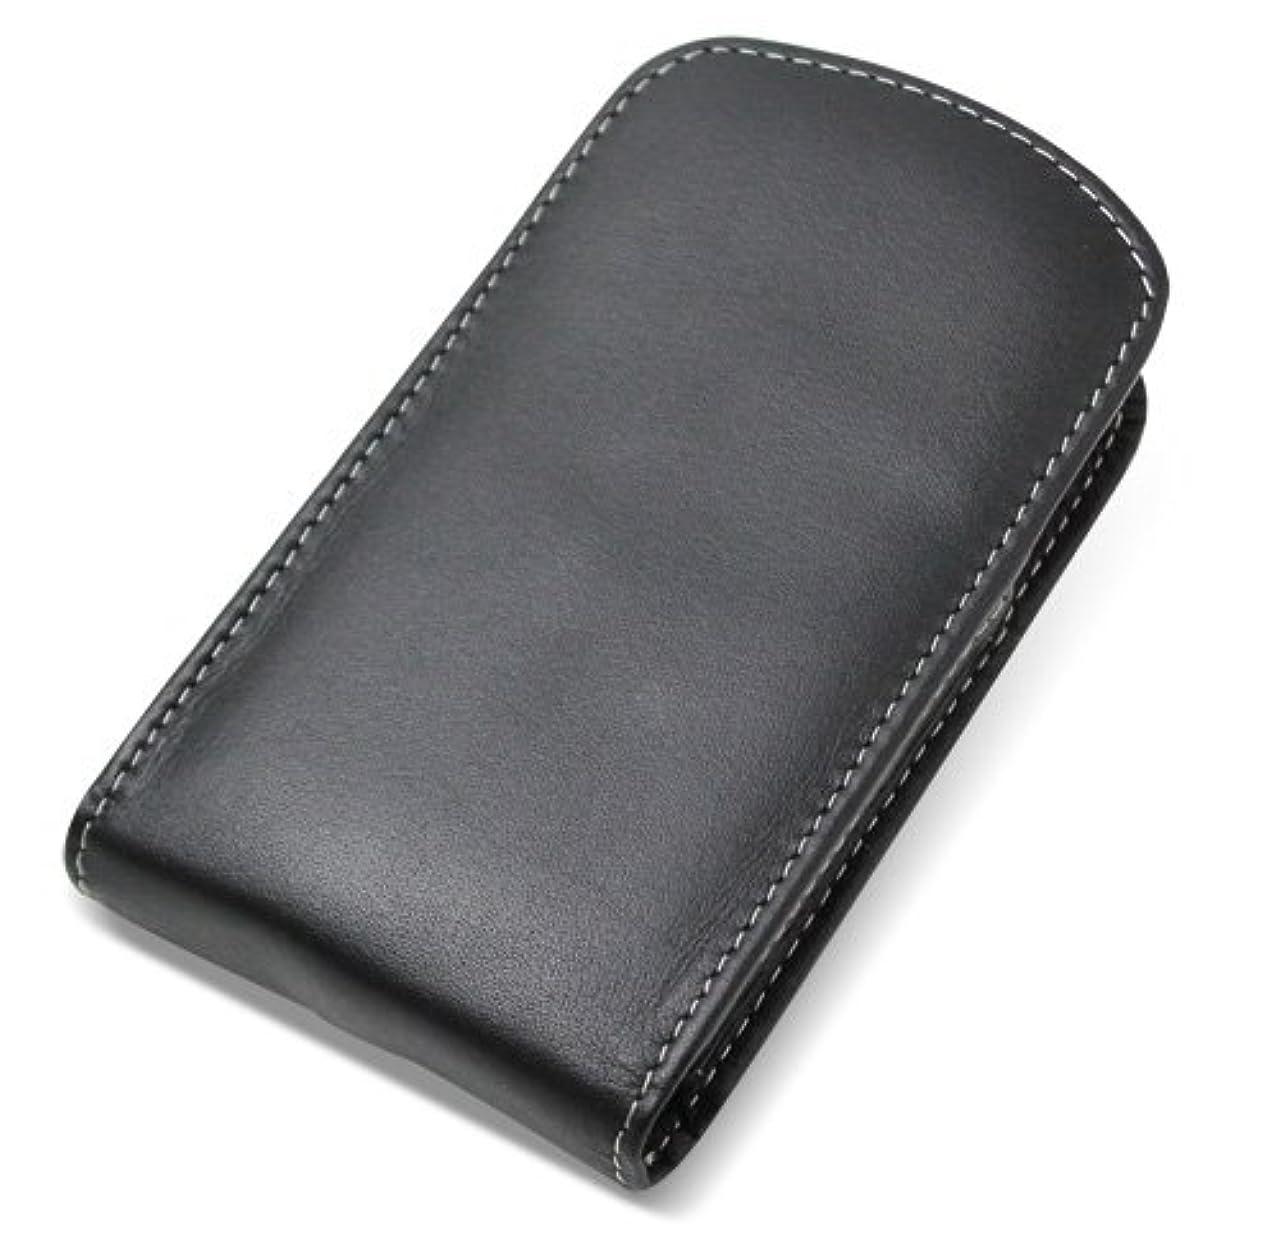 つかまえる副産物征服者PDAIR レザーケース for G'zOne TYPE-L CAL21 バーティカルポーチタイプ(ブラック) PALCCAL21V/BL